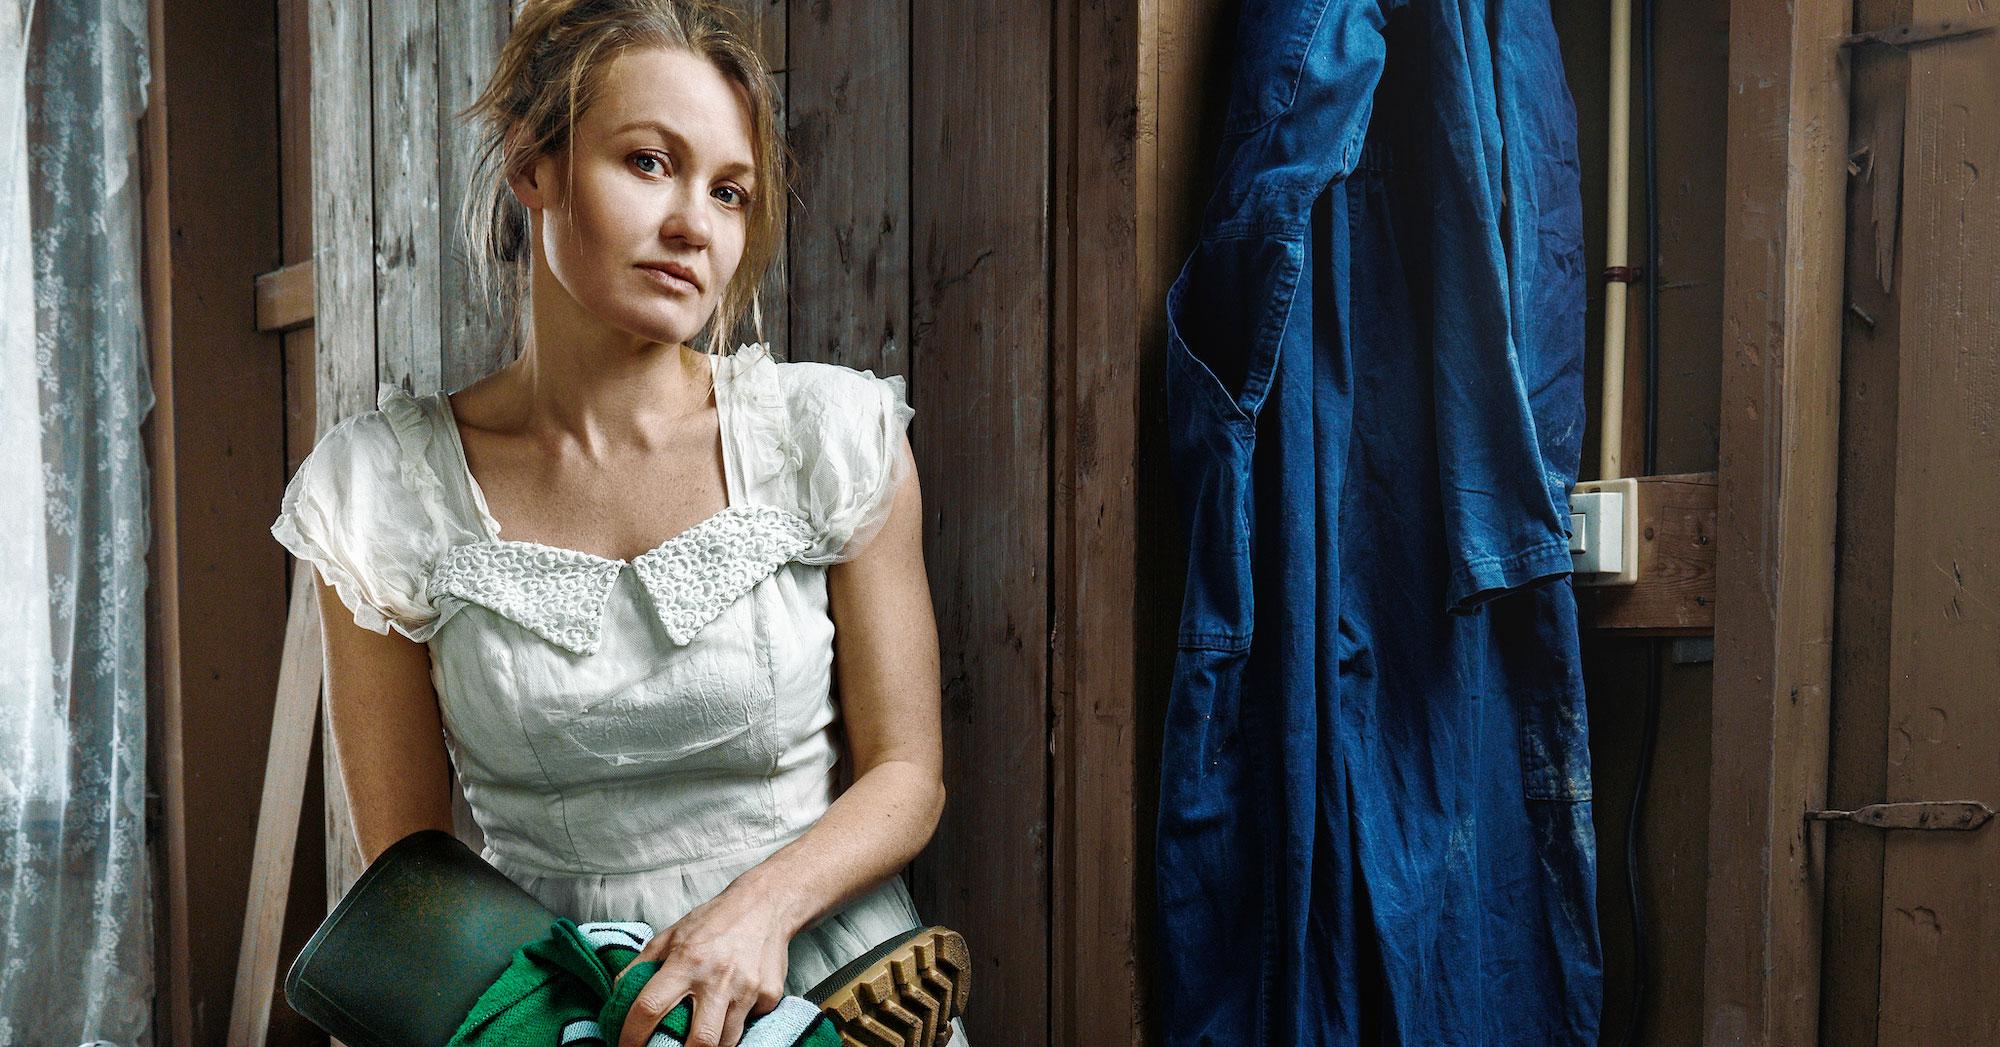 Poolse-bruid-slider